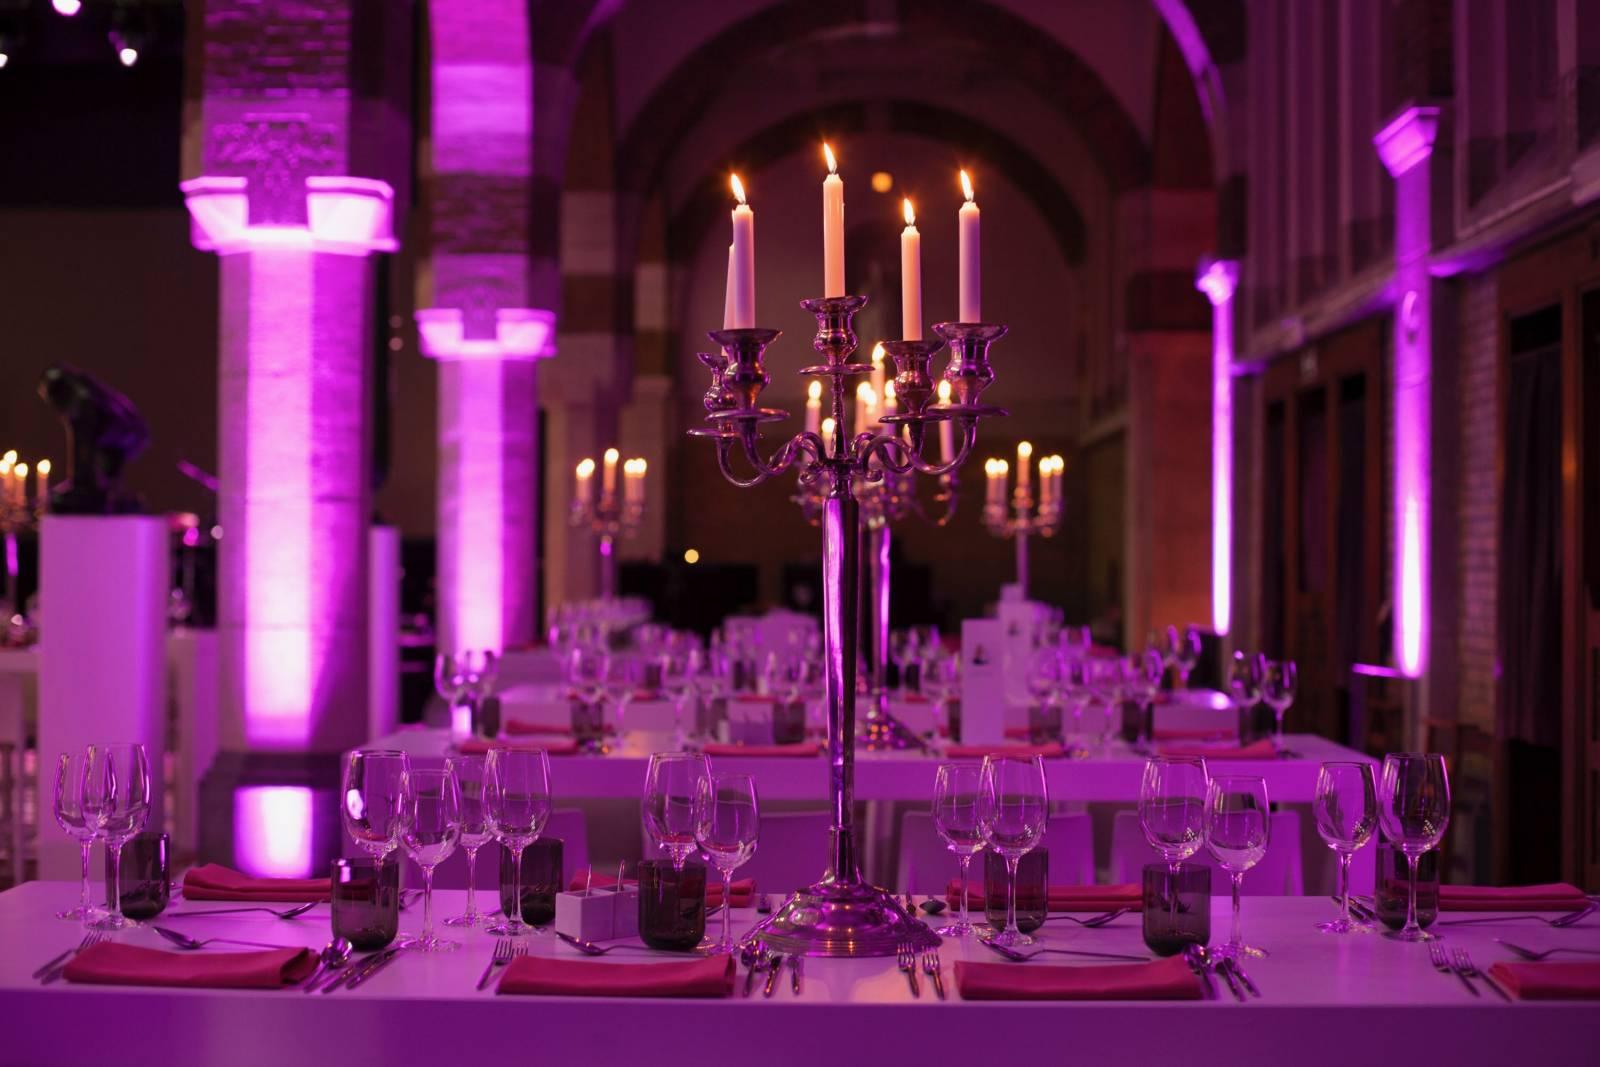 Swing - trouwdecoratie - Decoratie huwelijk trouw bruiloft - House of Weddings - 5